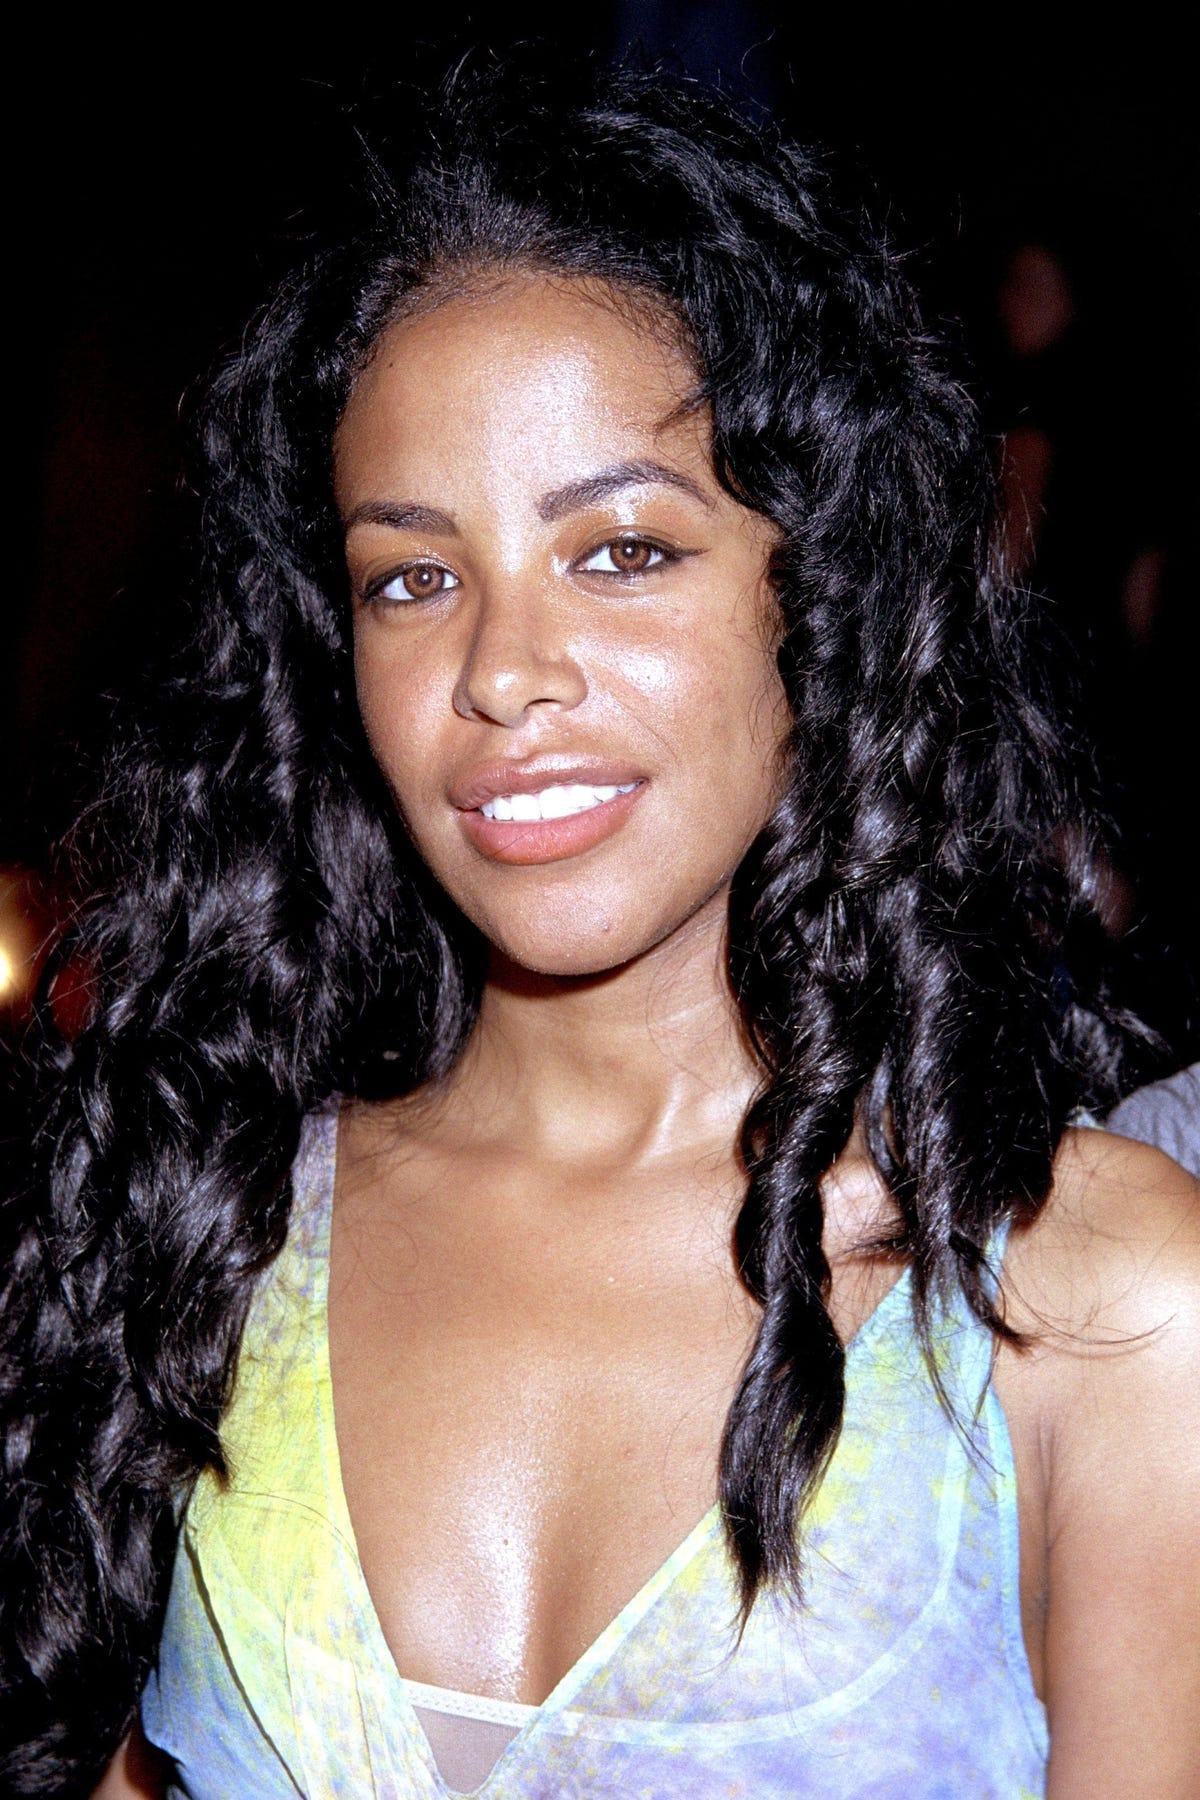 90s Female Singers - Best Nineties Music